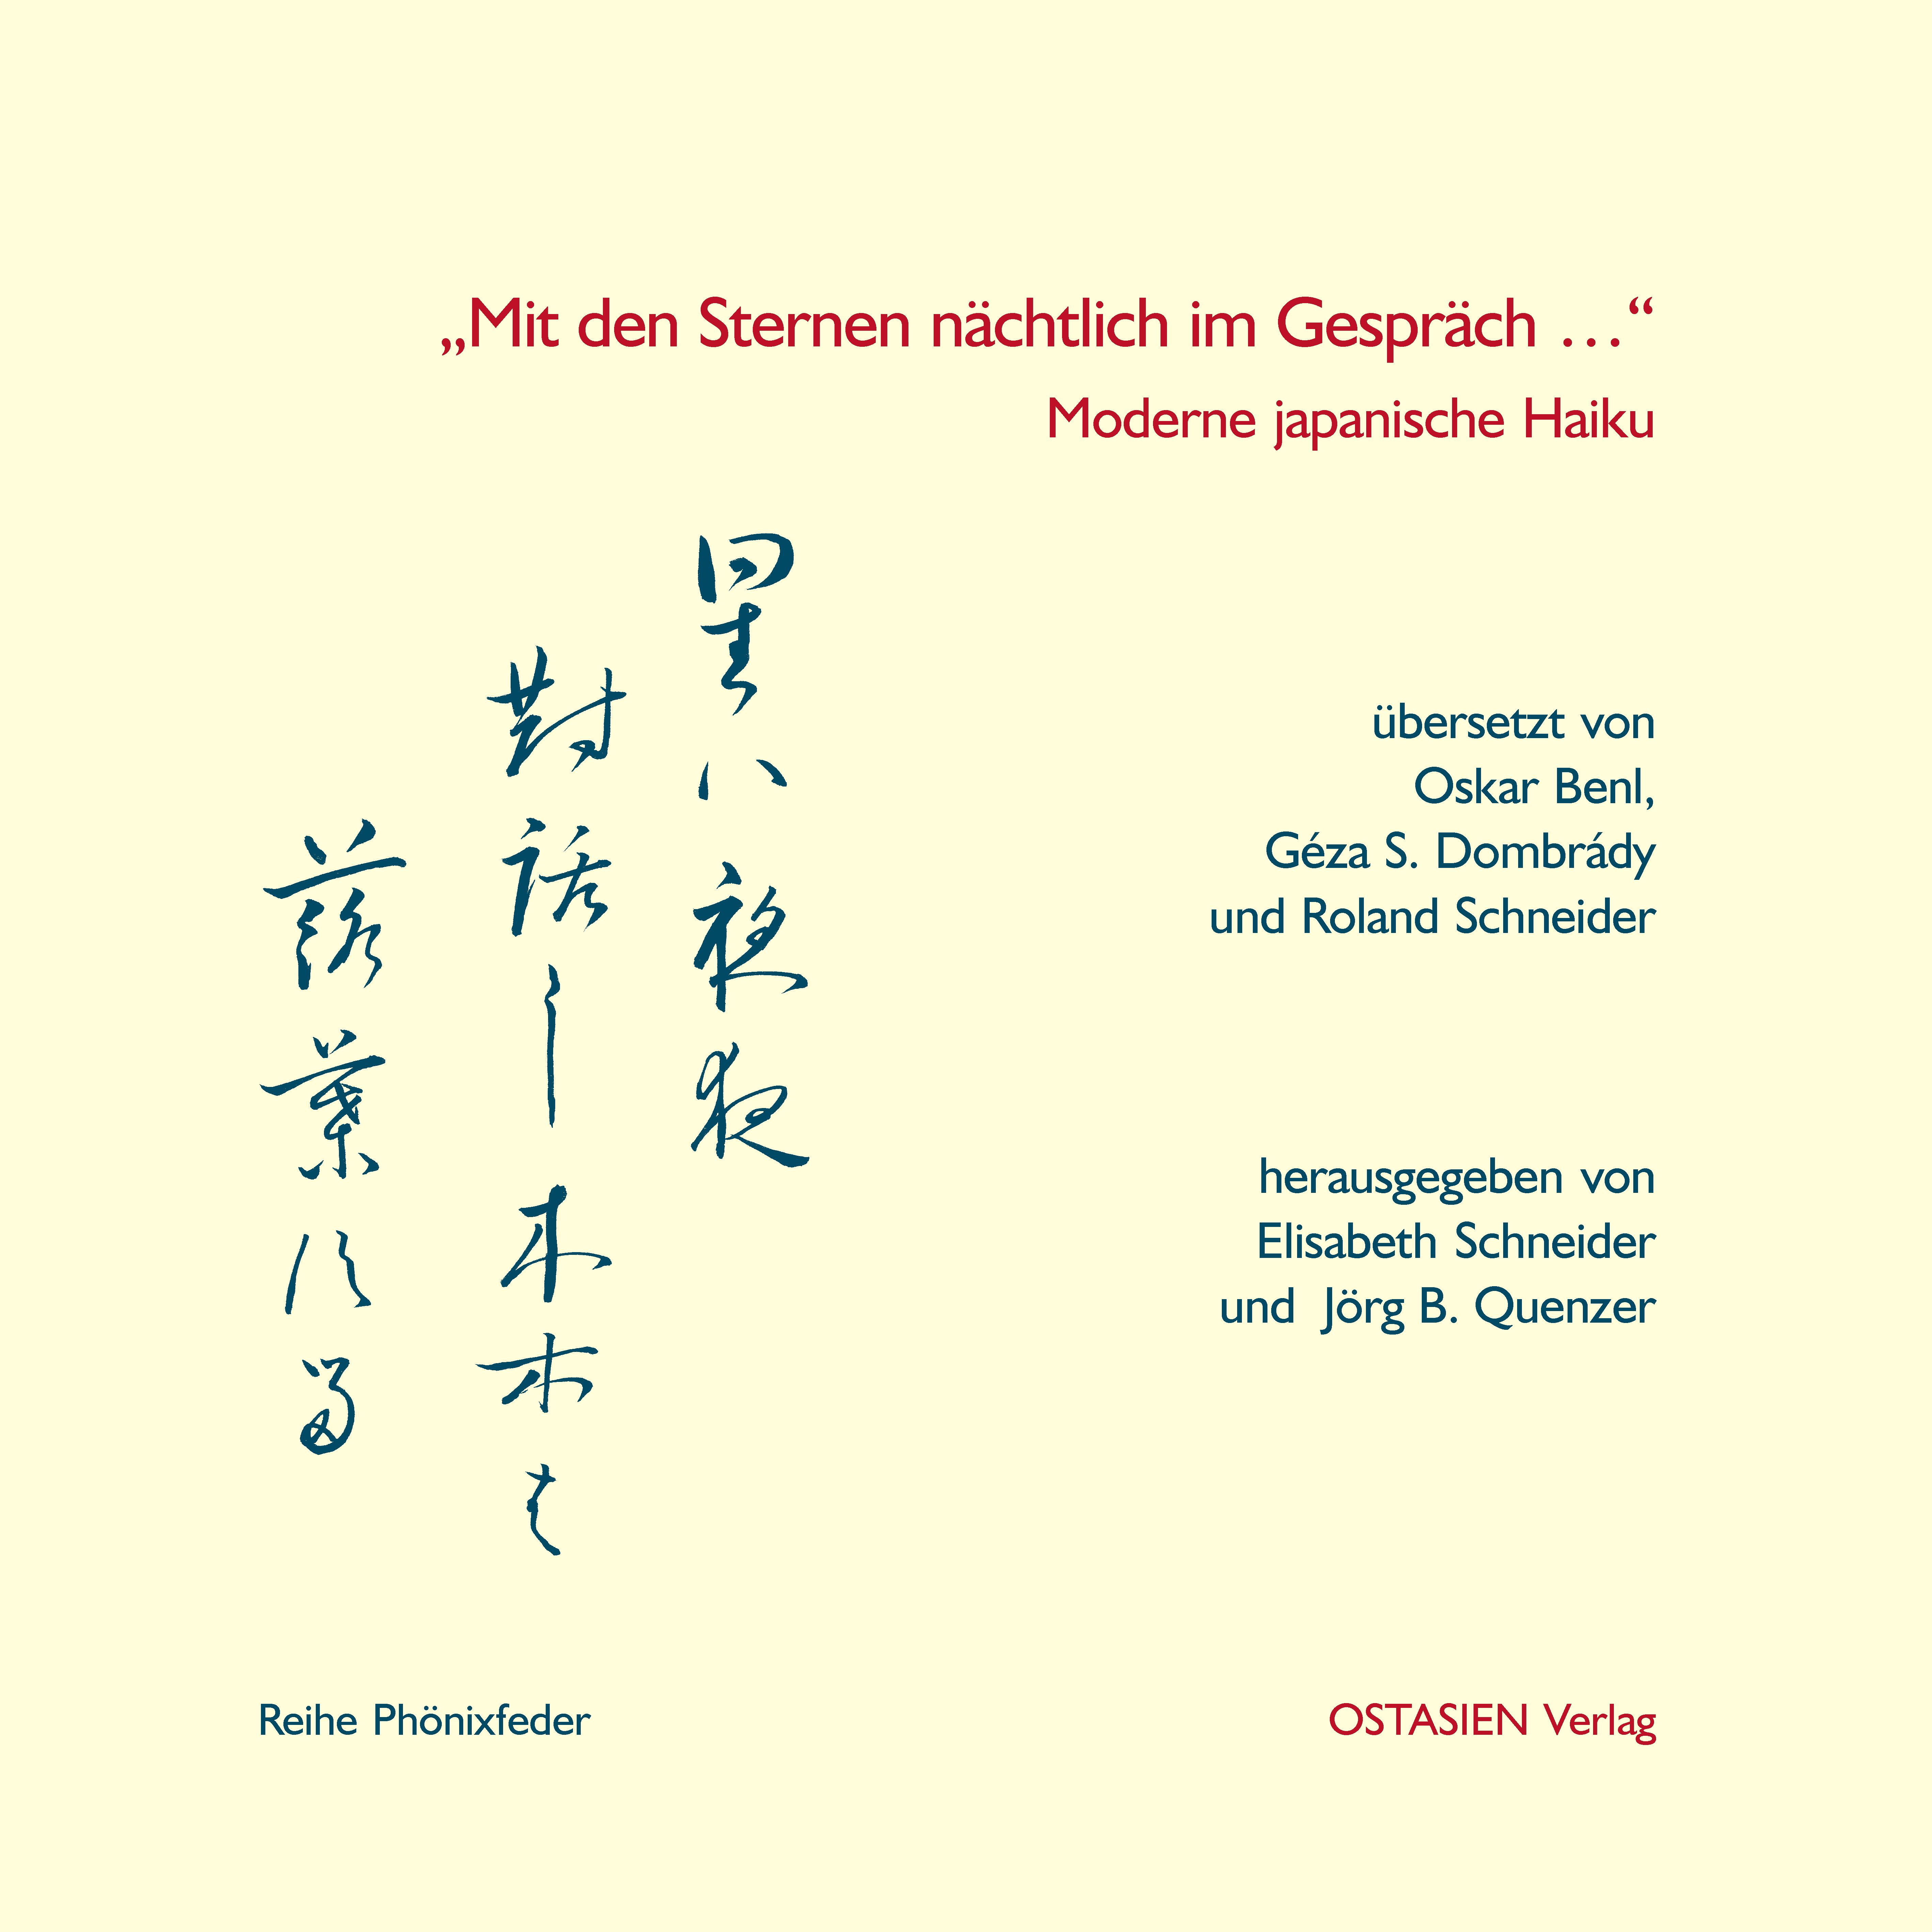 Rpf 8 mit den sternen nächtlich im gespräch moderne japanische haiku hg von elisabeth schneider und jörg quenzer